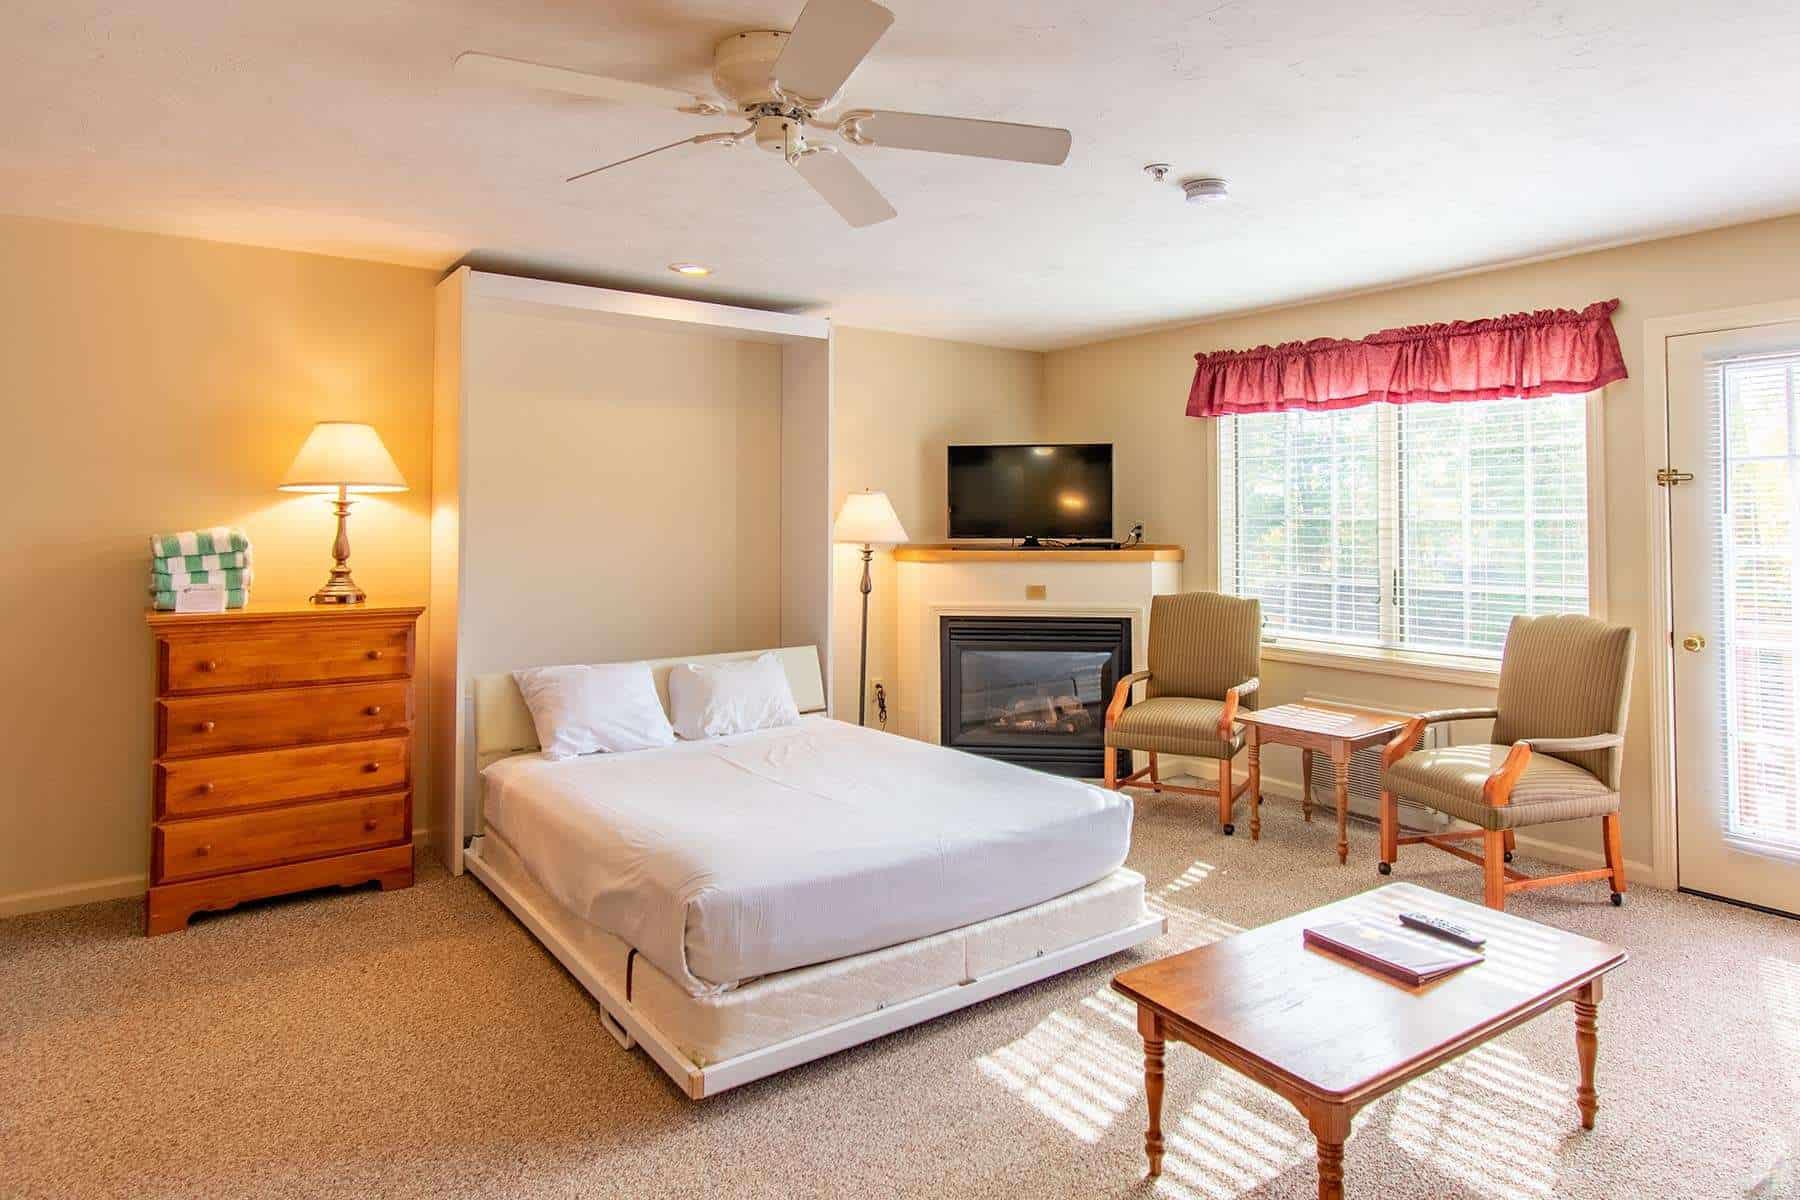 Deluxe 1 Bedroom ECSD4